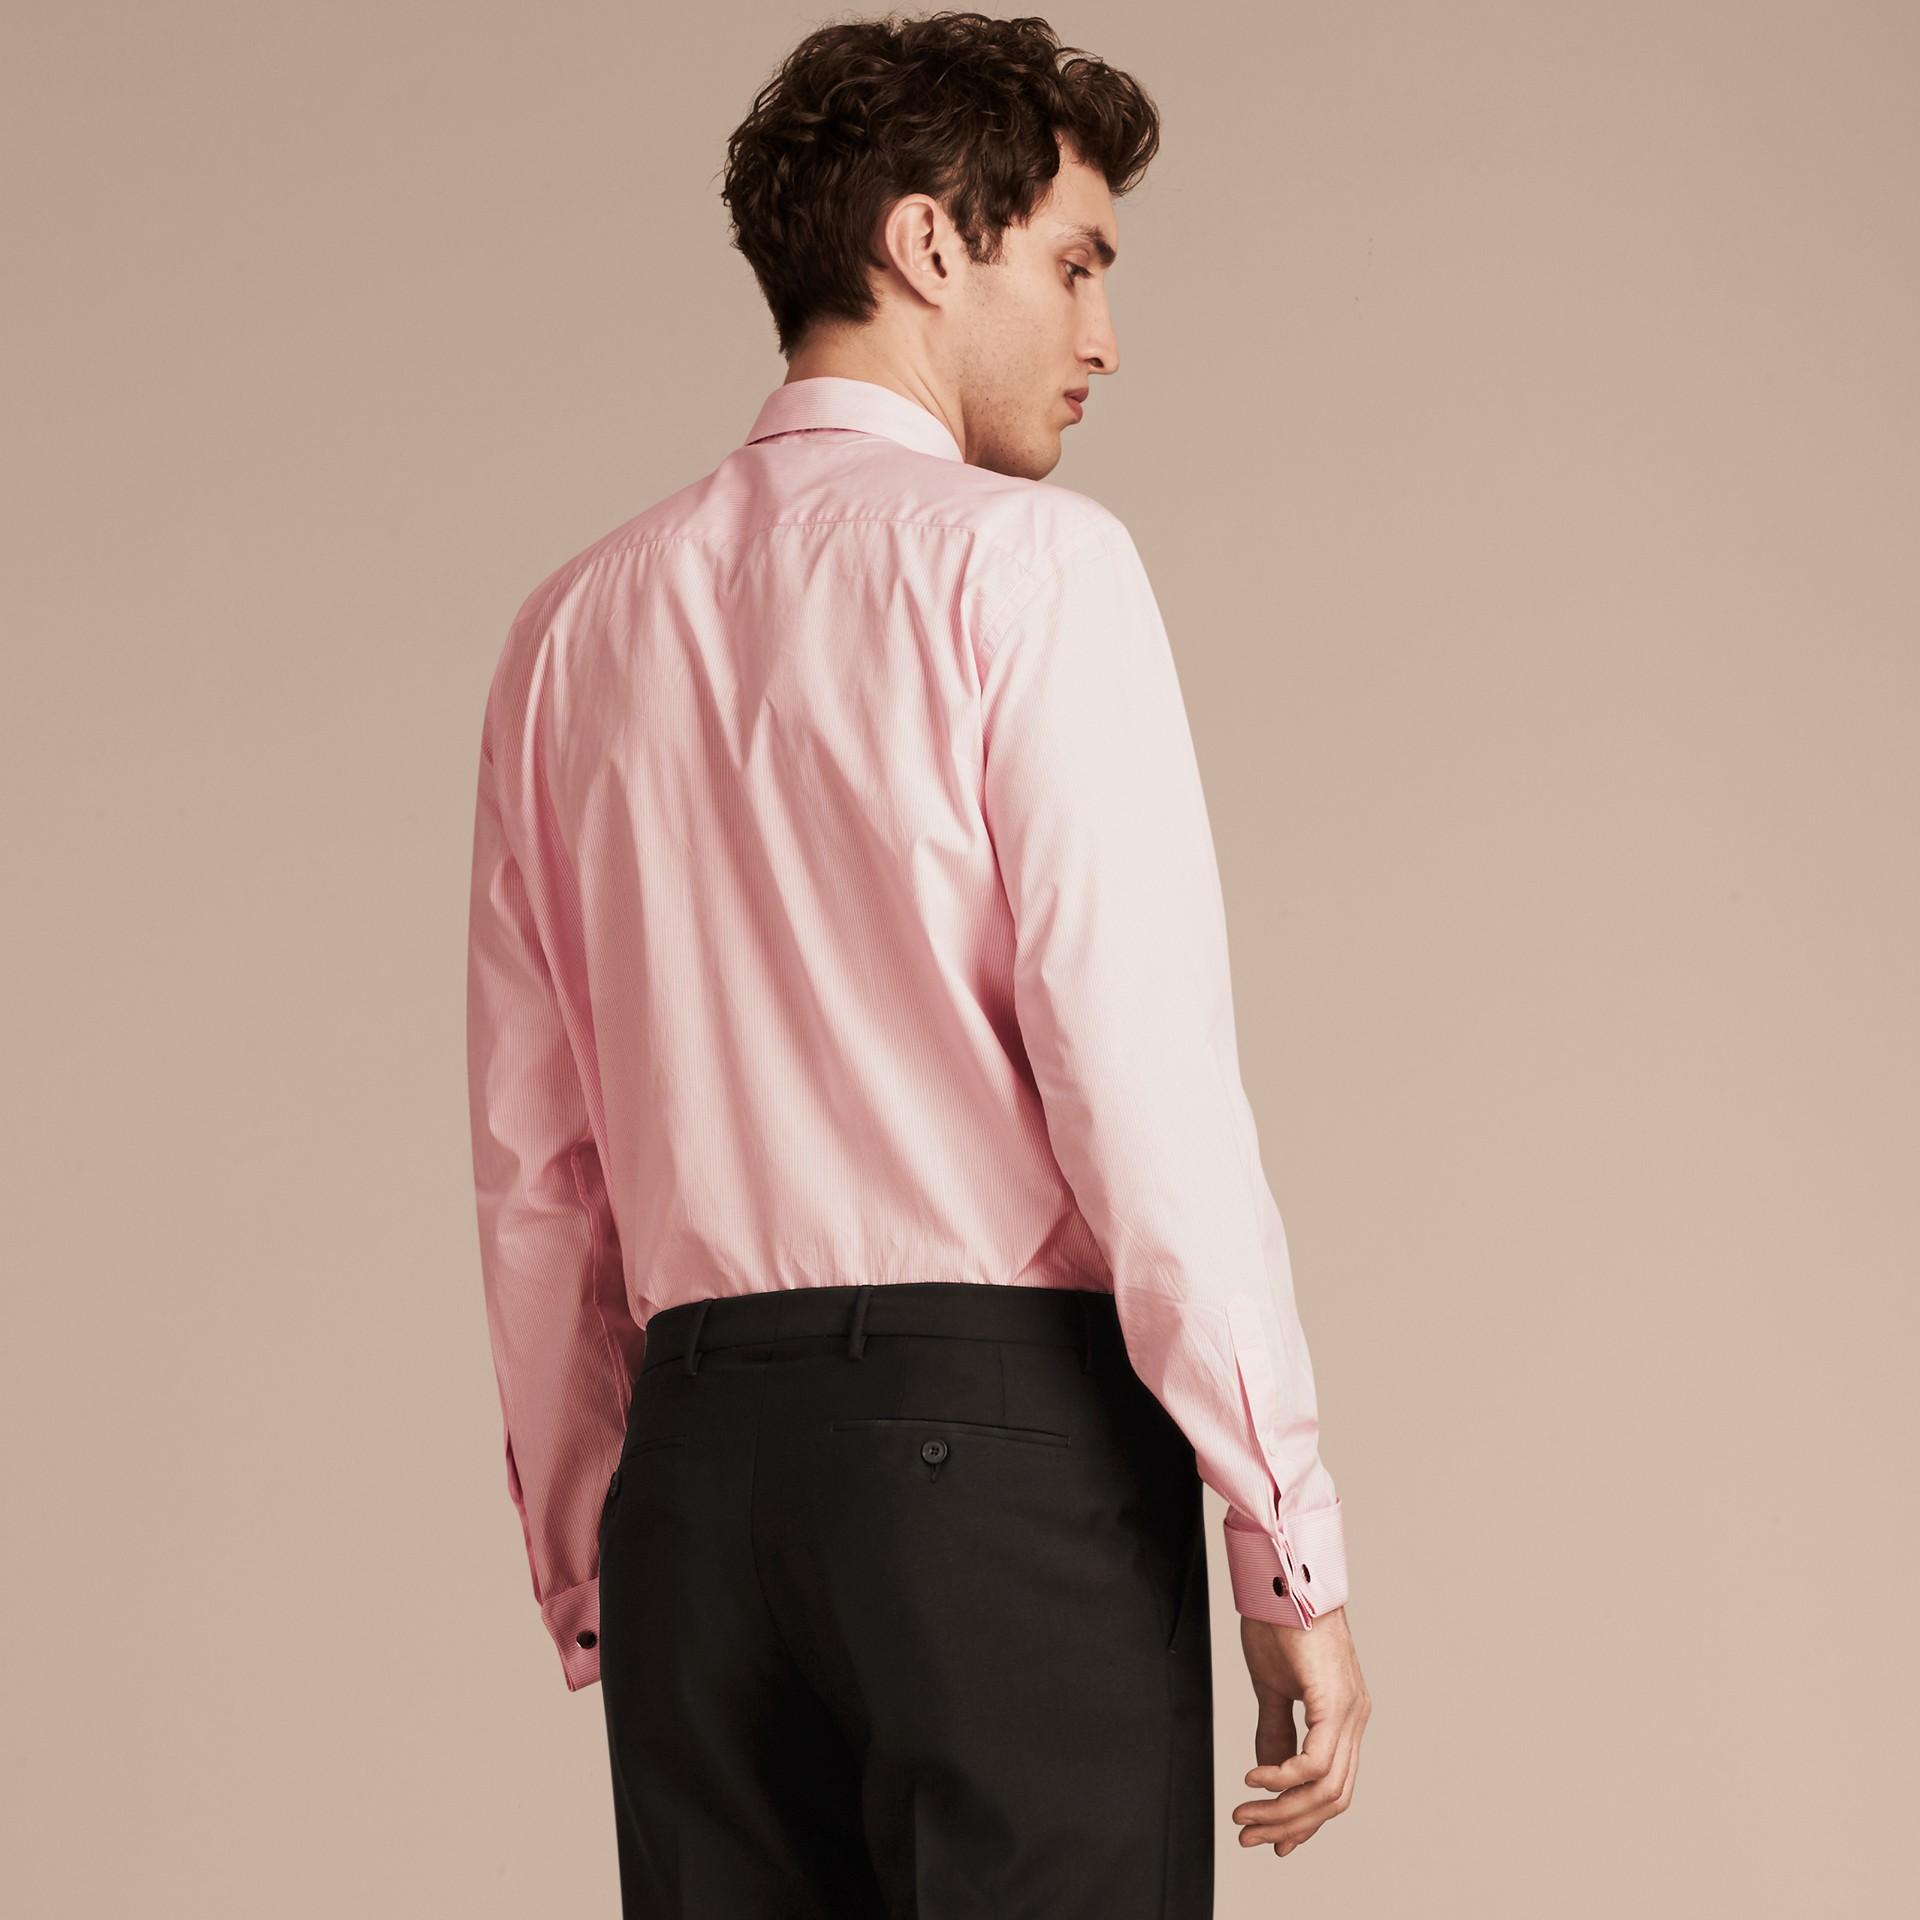 City pink Camisa de popeline de algodão com estampa listrada e corte moderno - galeria de imagens 3